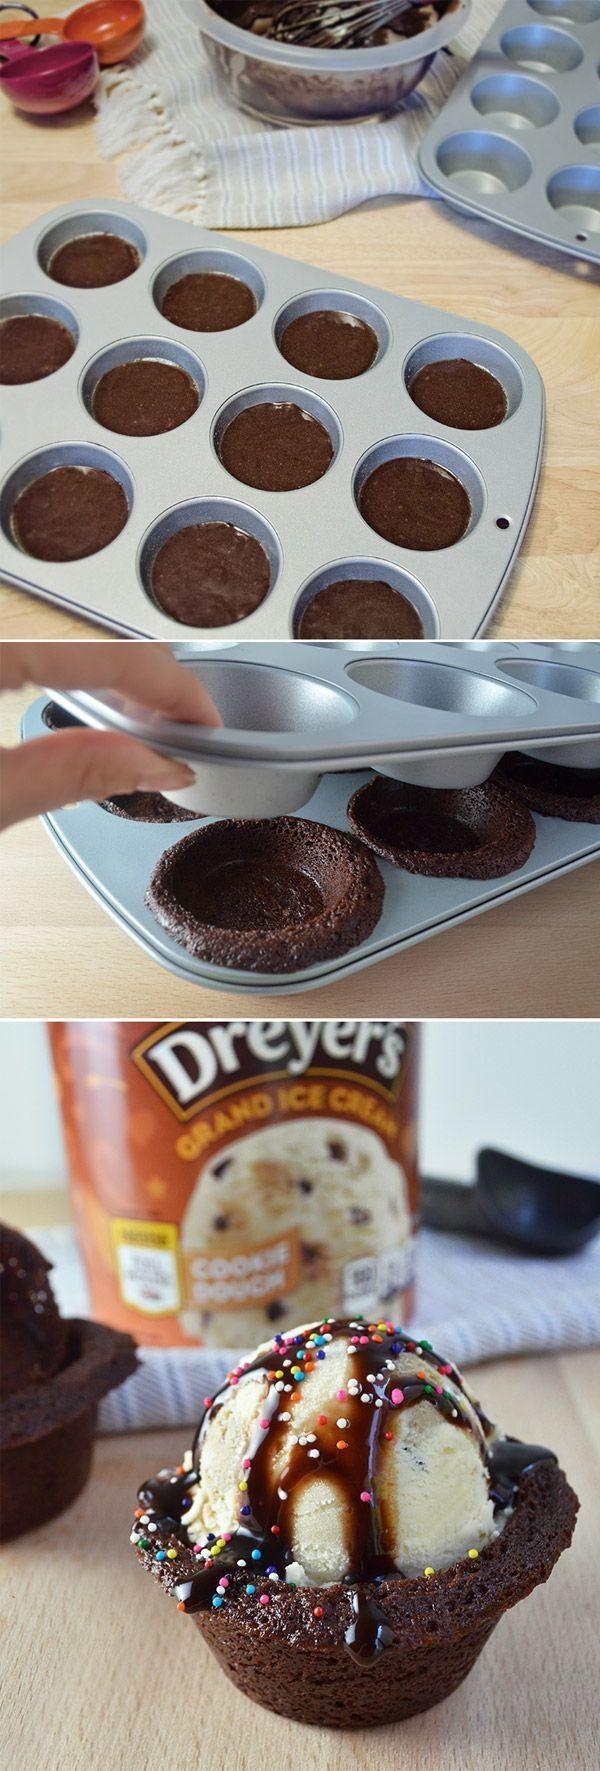 Brownie con helado                                                                                                                                                                                 More